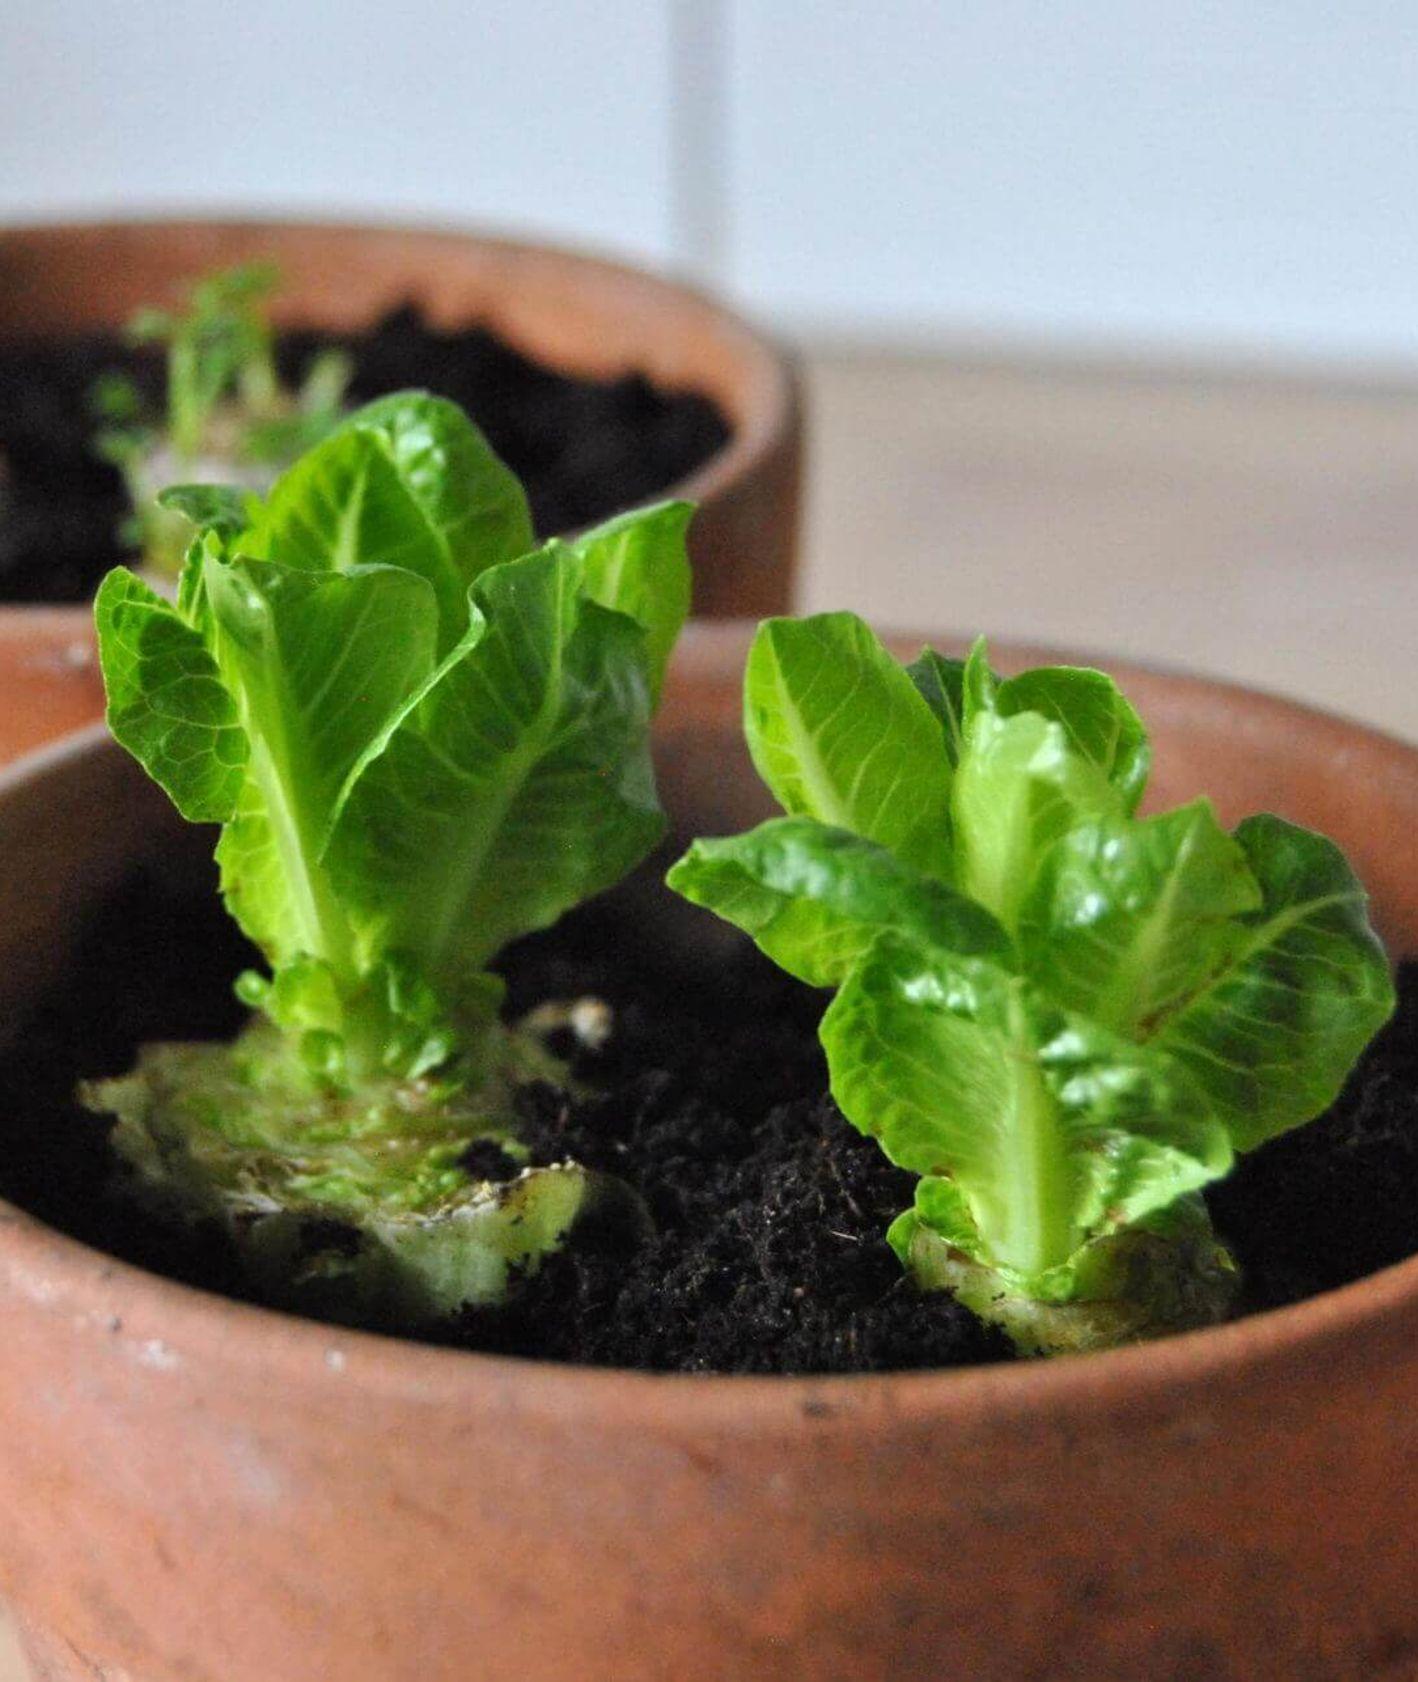 jak wyhodować warzywa z resztek, zero waste